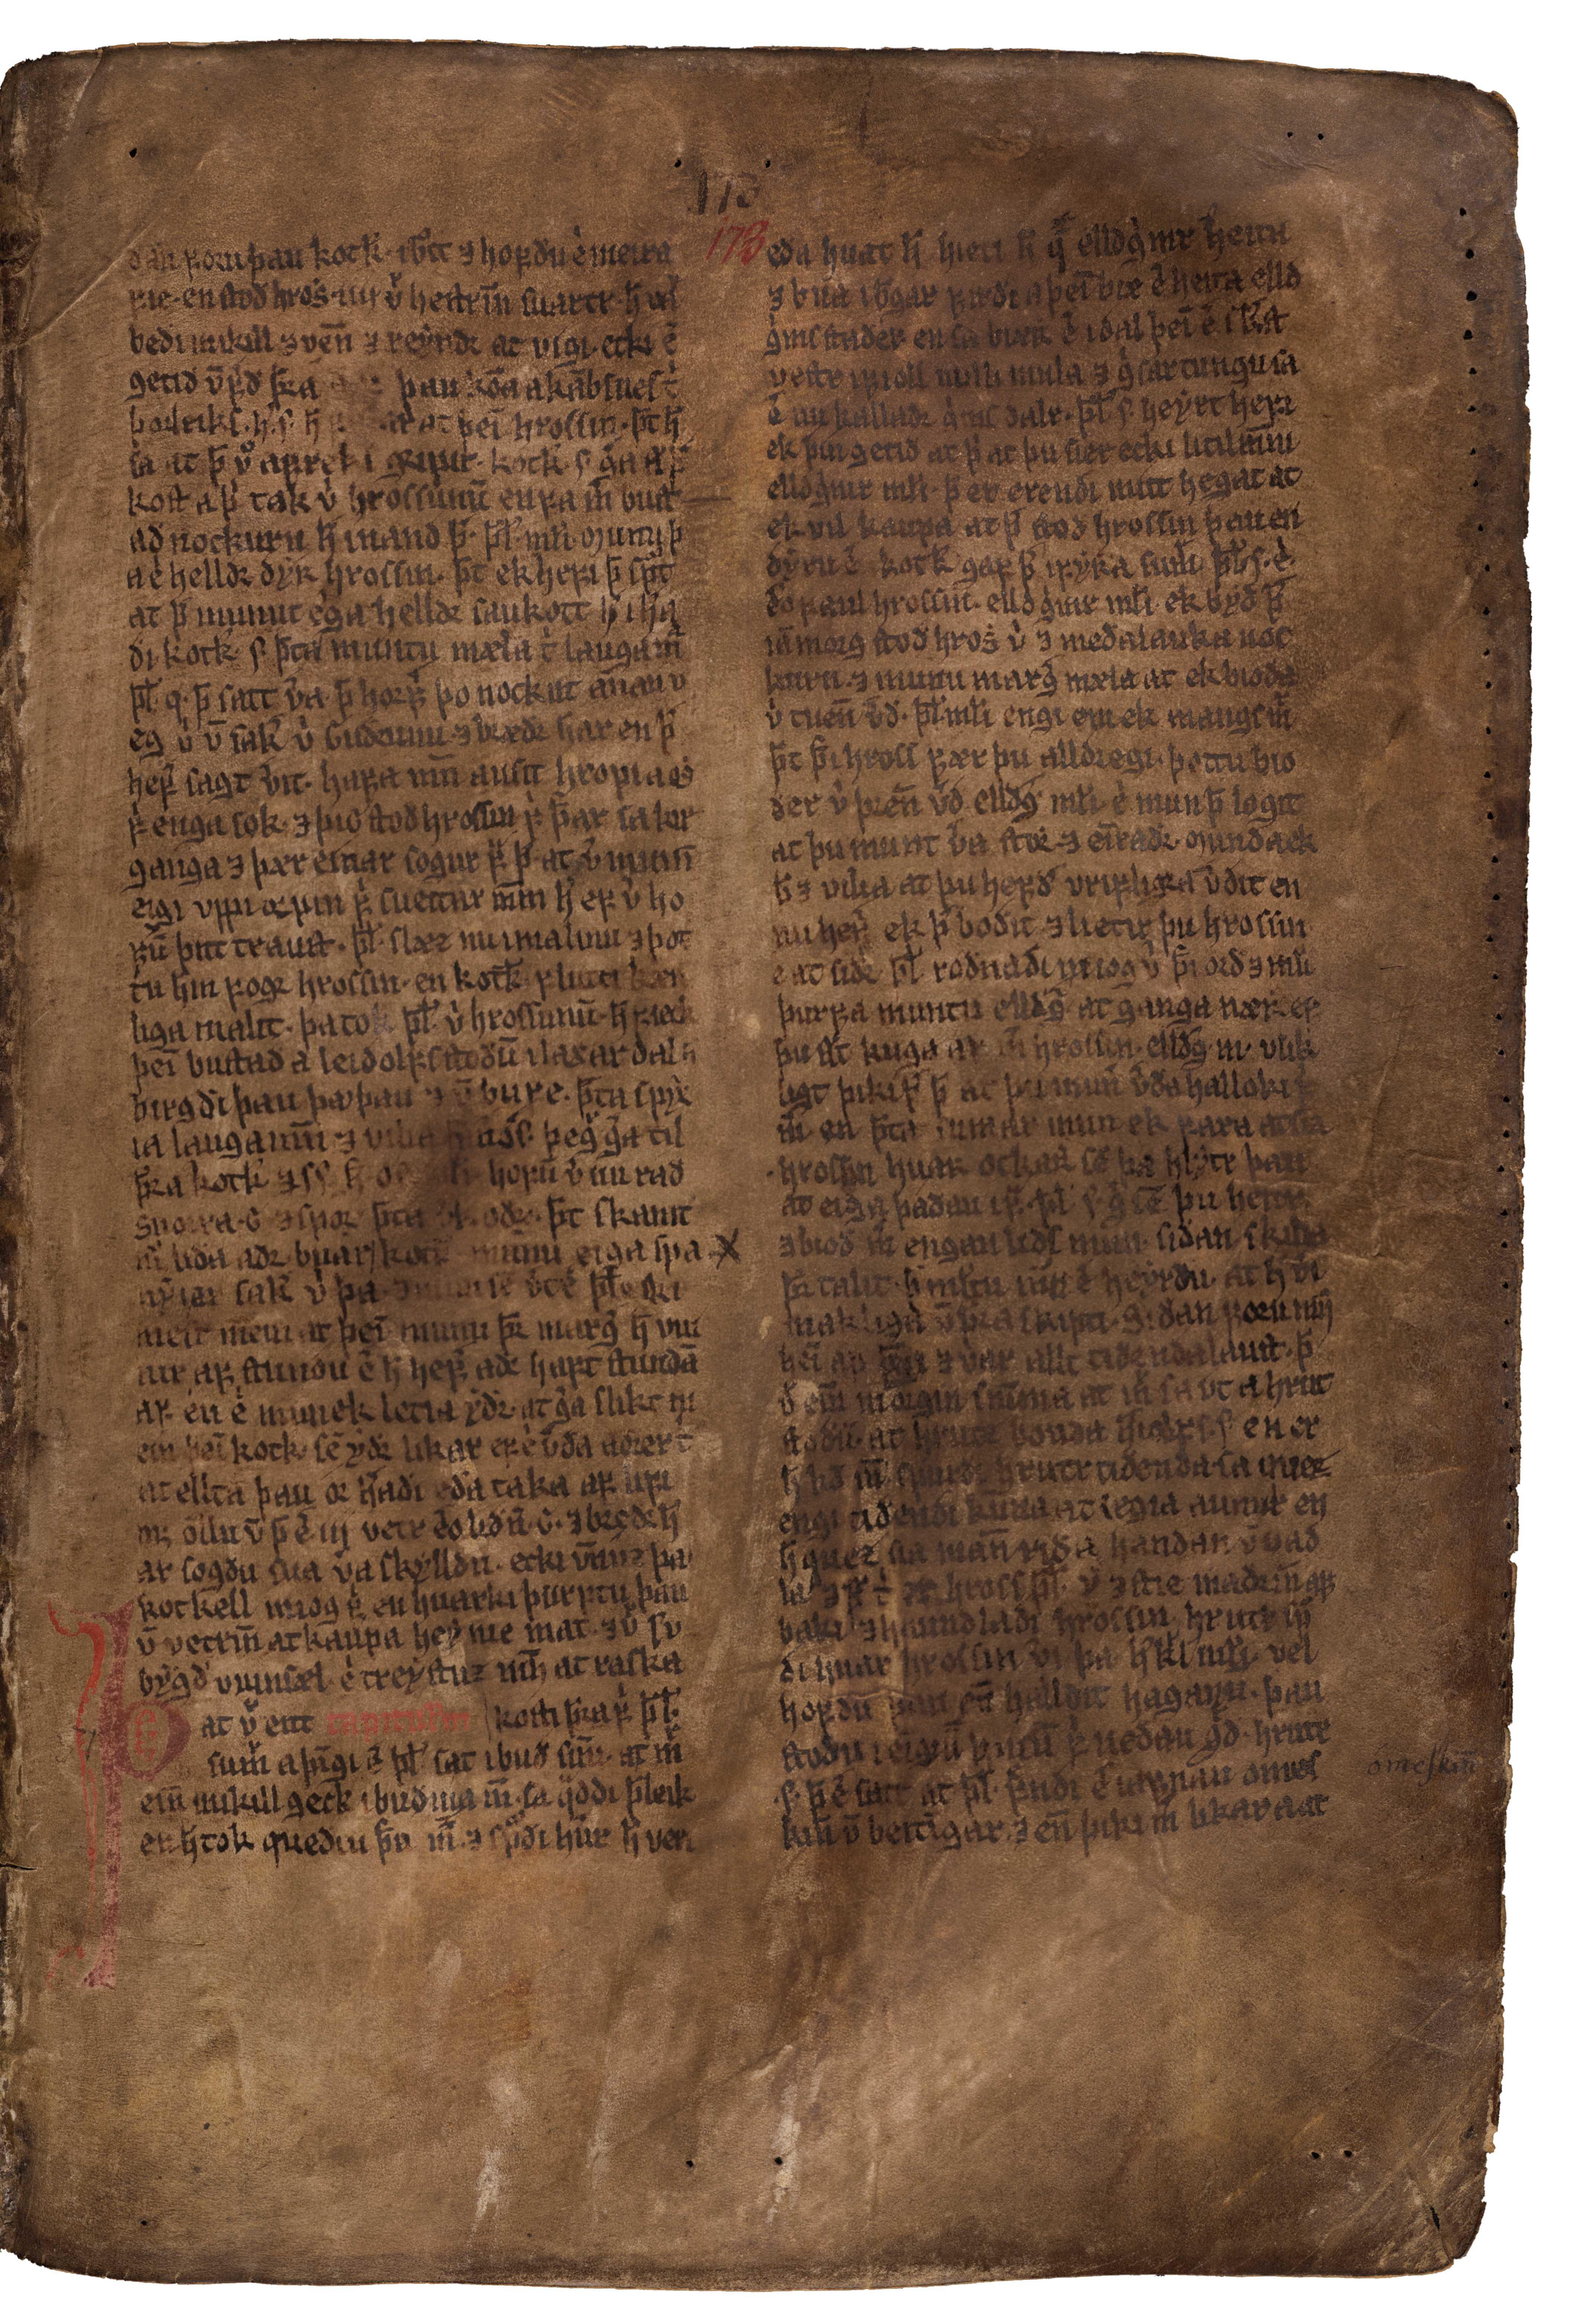 AM 132 fol - 173r